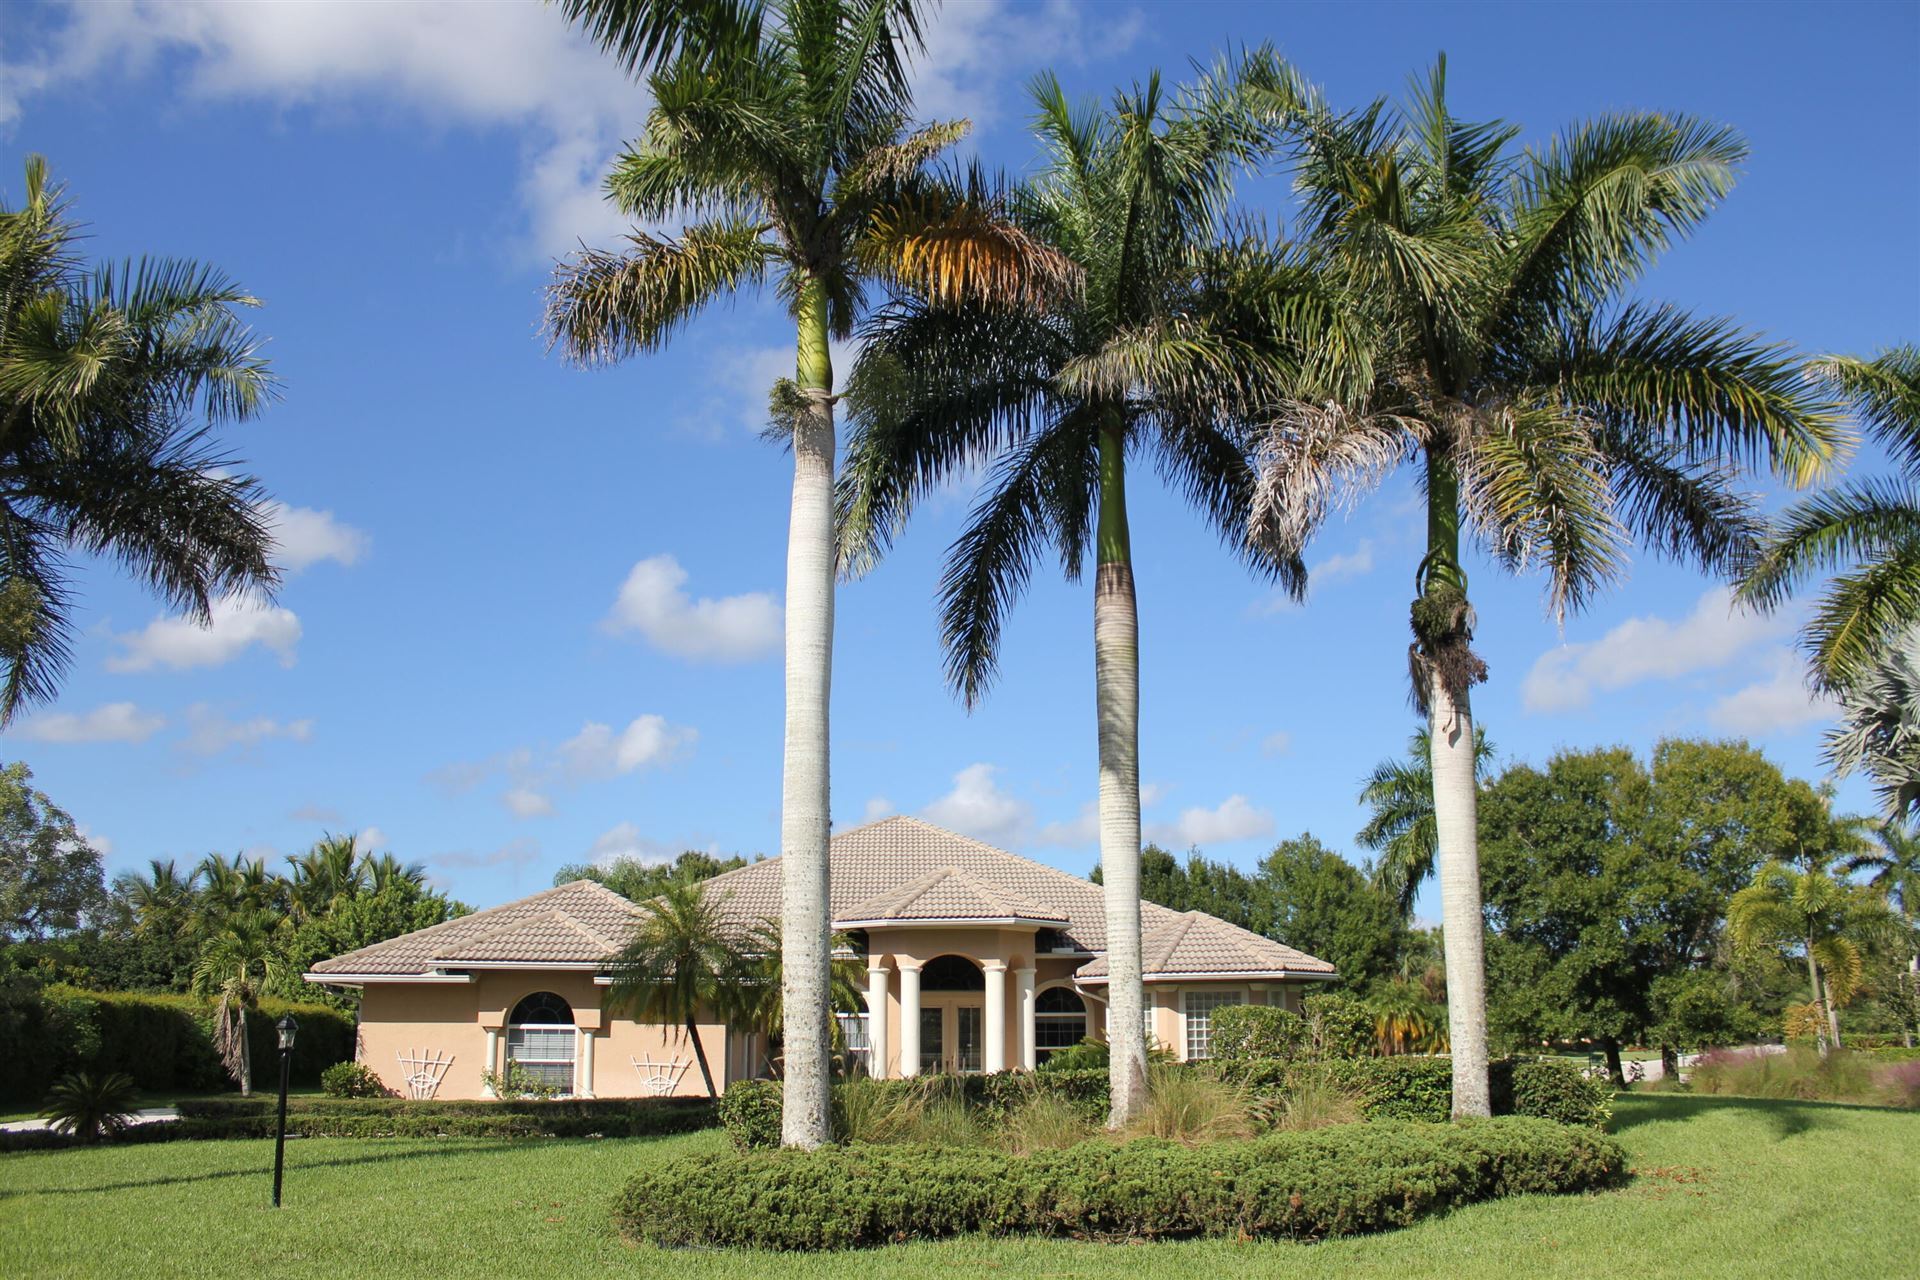 7952 Plantation Lakes Drive, Port Saint Lucie, FL 34986 - MLS#: RX-10752554